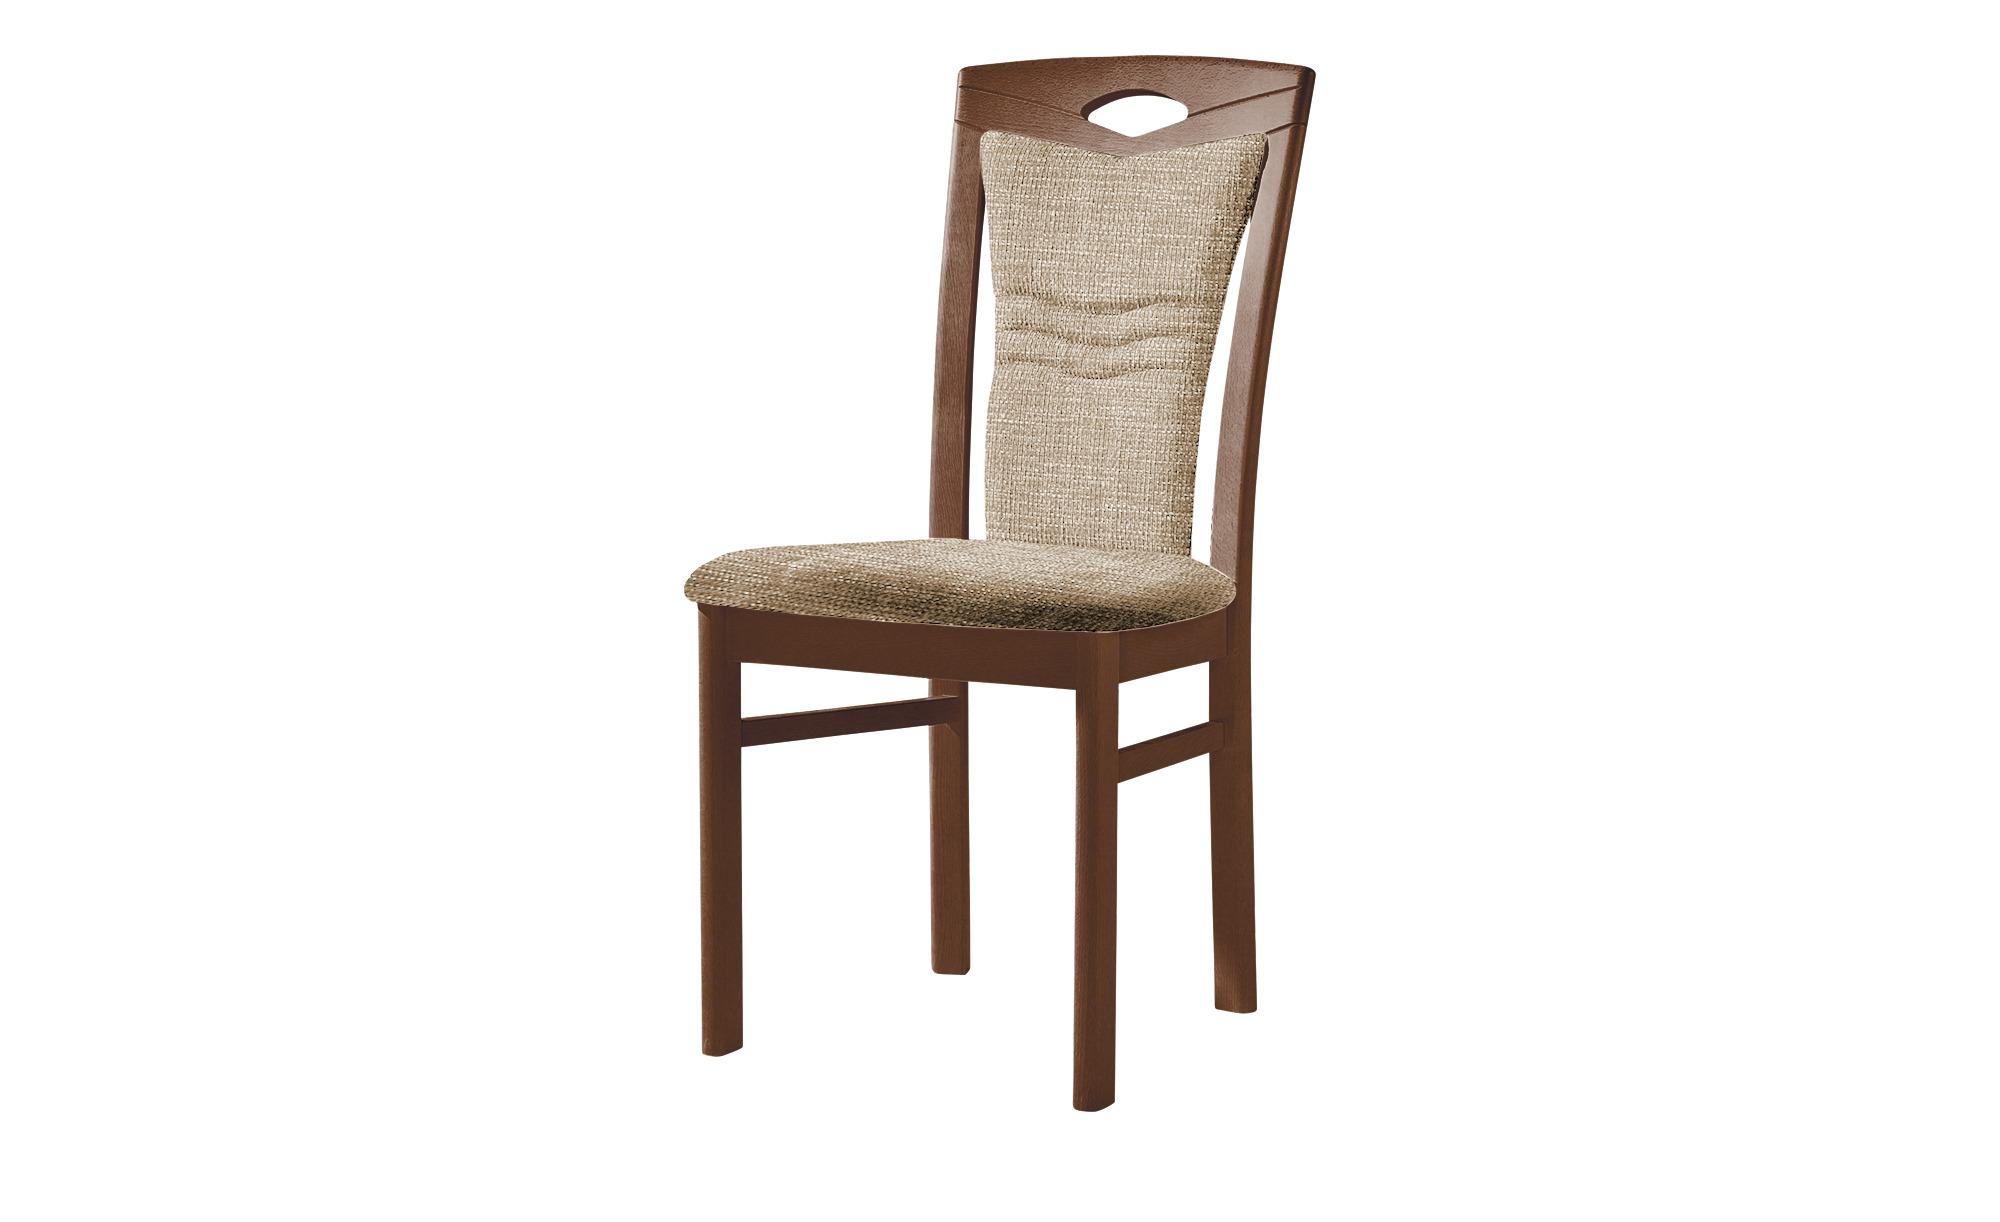 Stuhl  Cristal ¦ braun ¦ Maße (cm): B: 48 H: 100,5 T: 58 Stühle > Polsterstühle - Höffner | Küche und Esszimmer > Stühle und Hocker | Möbel Höffner DE